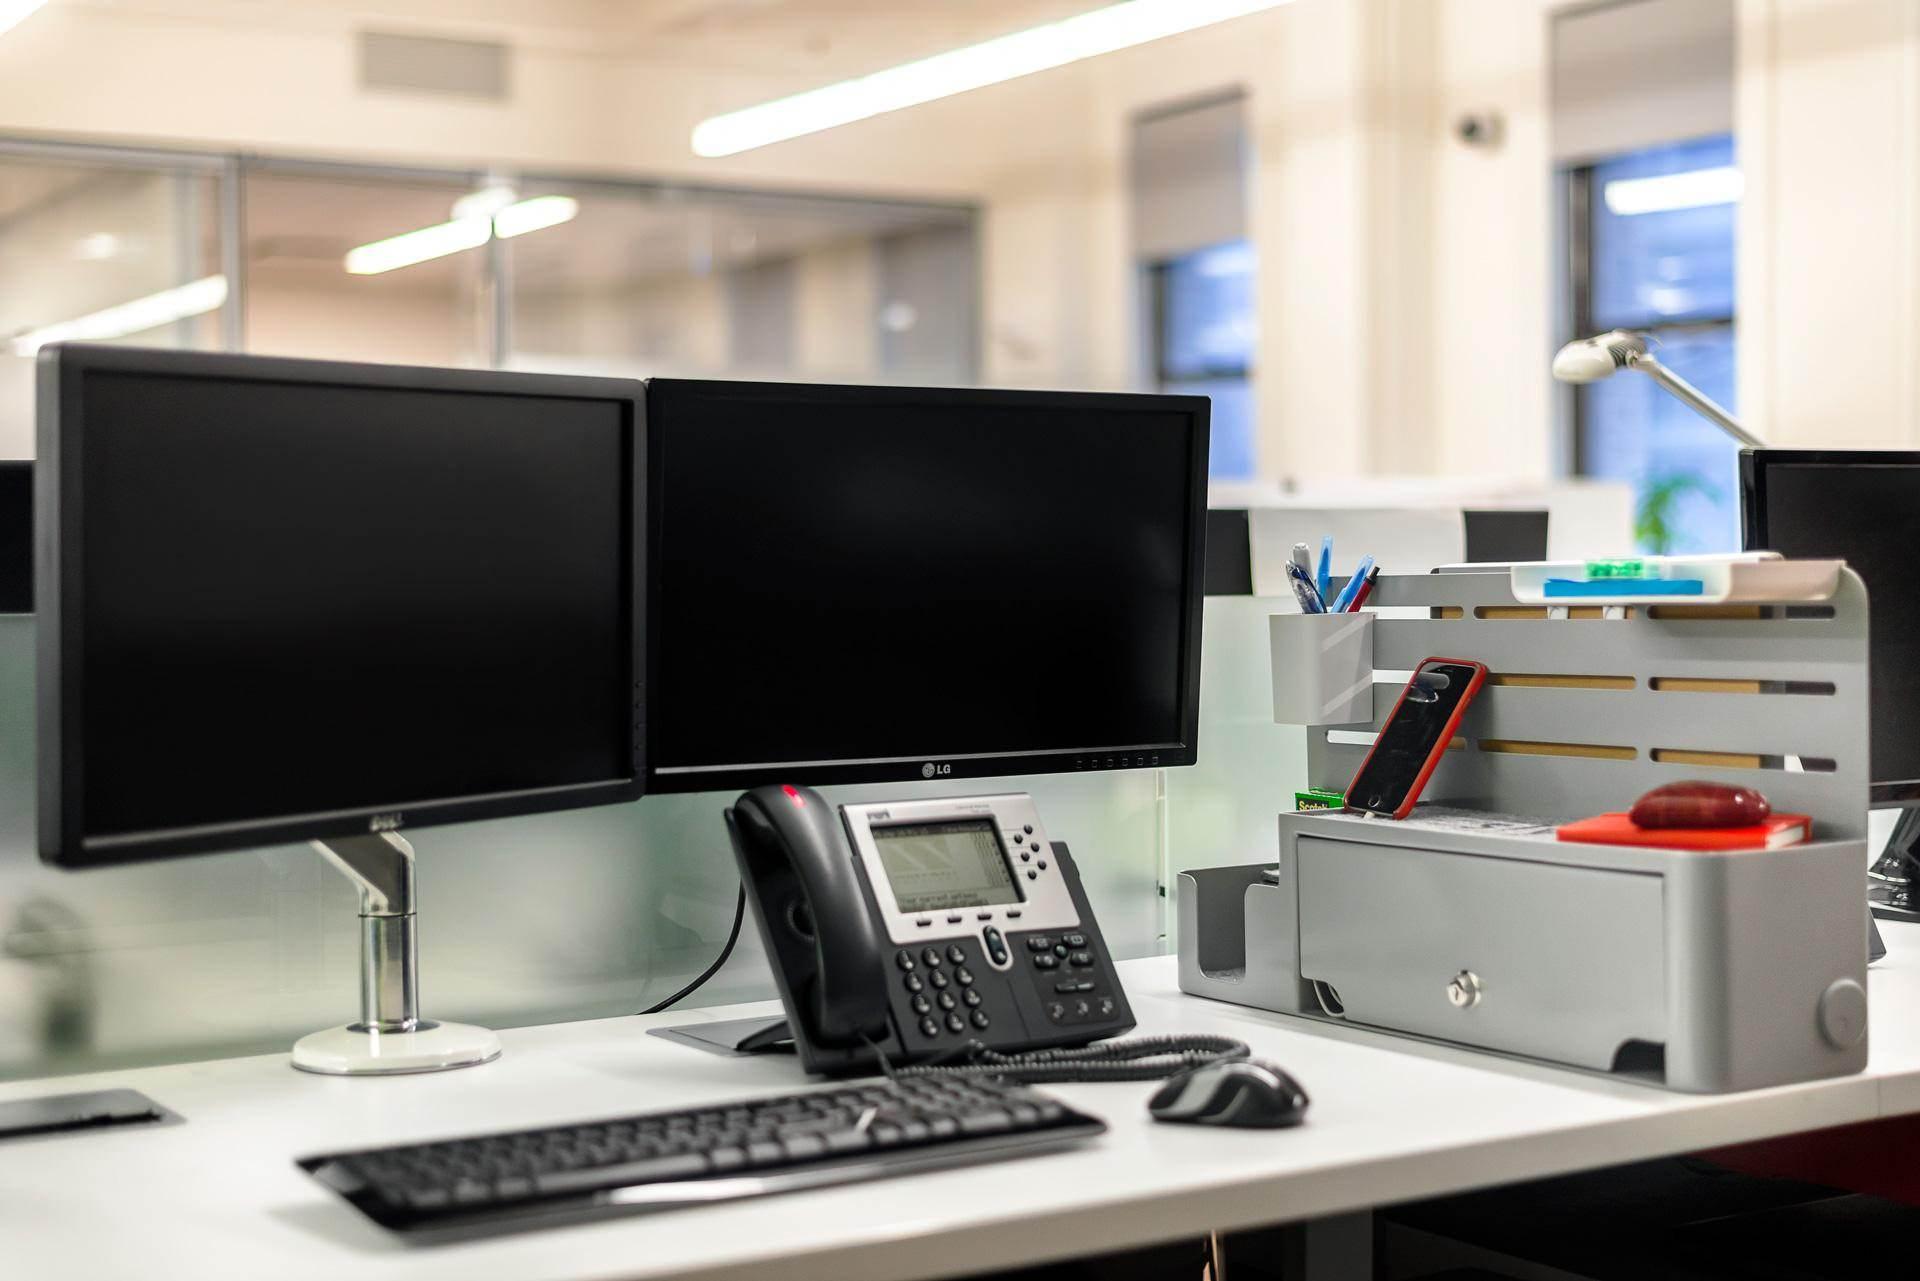 Las 7 tendencias que marcar n el dise o de oficinas este for Oficinas compartidas